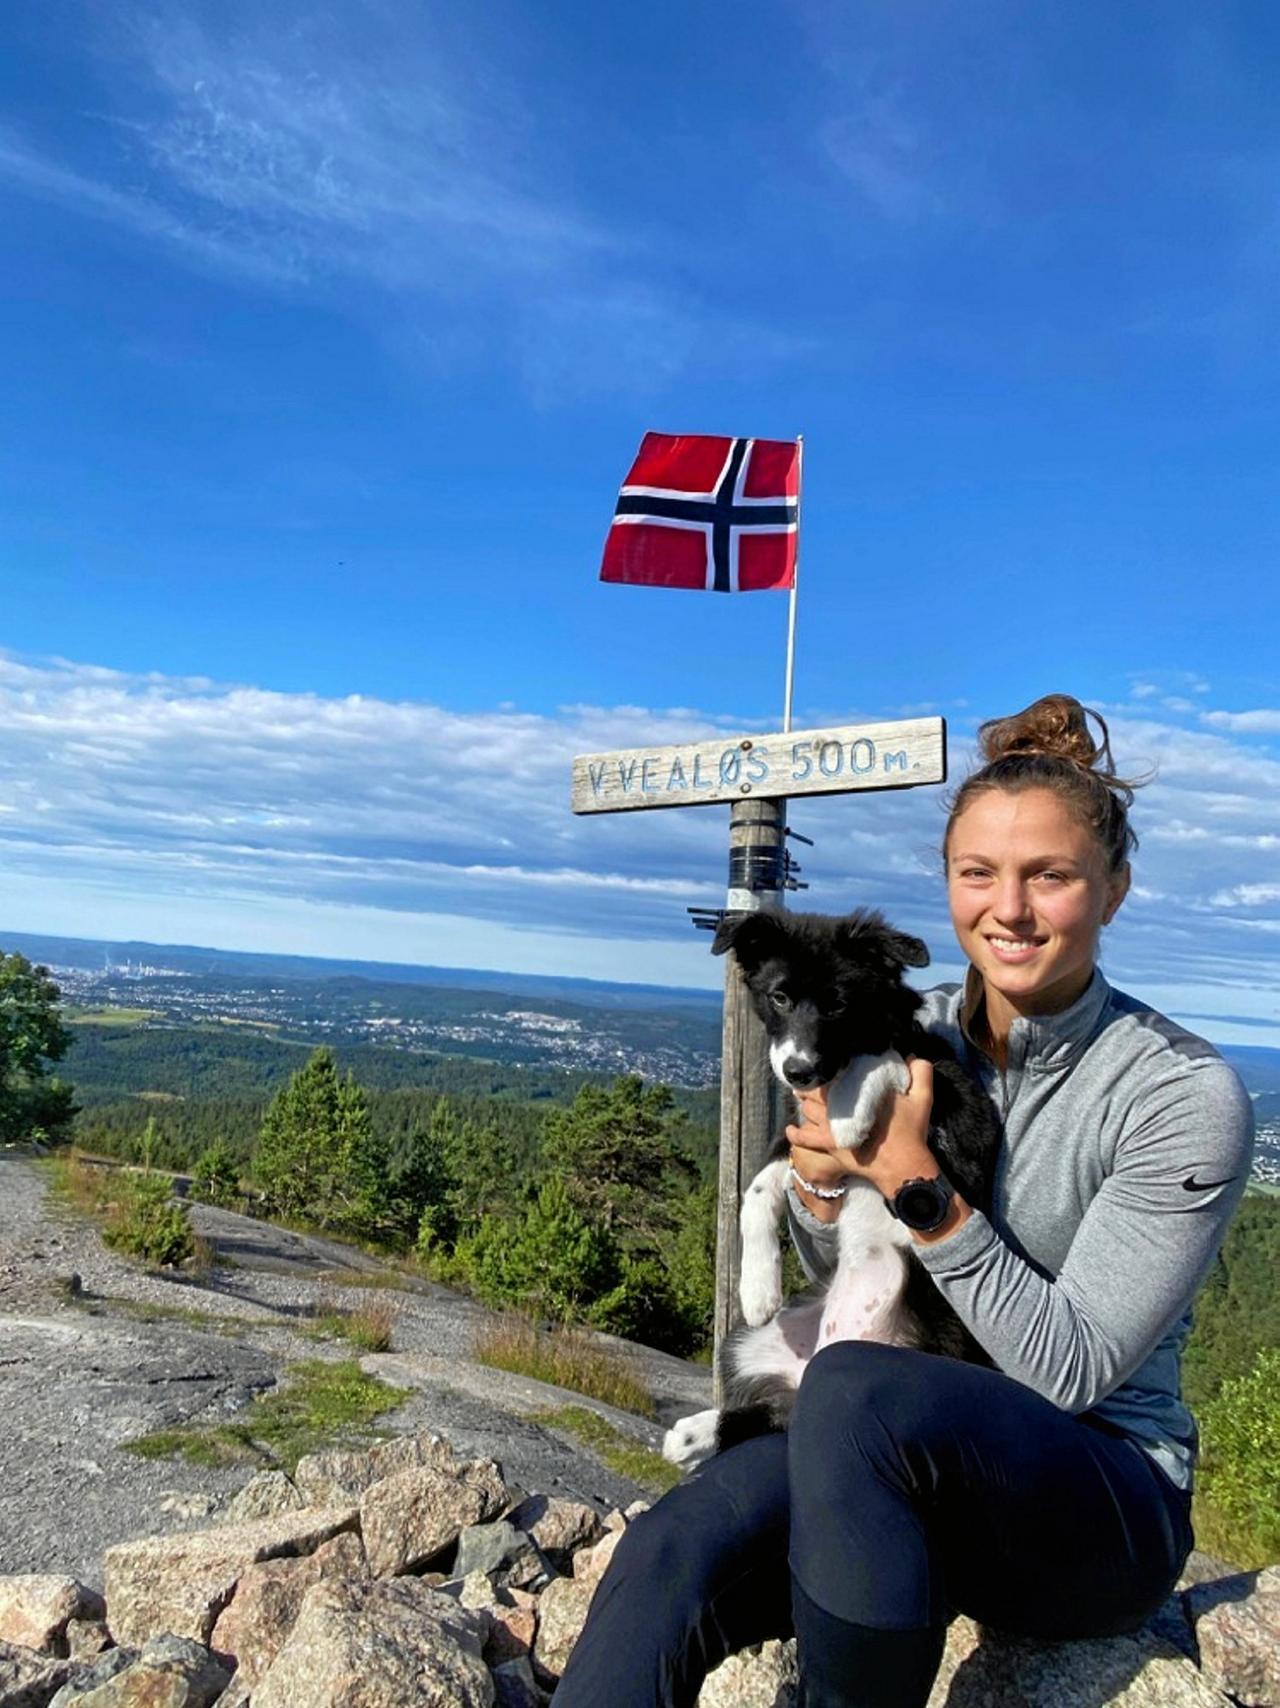 Schladenerin Nationaltrainerin in Norwegen